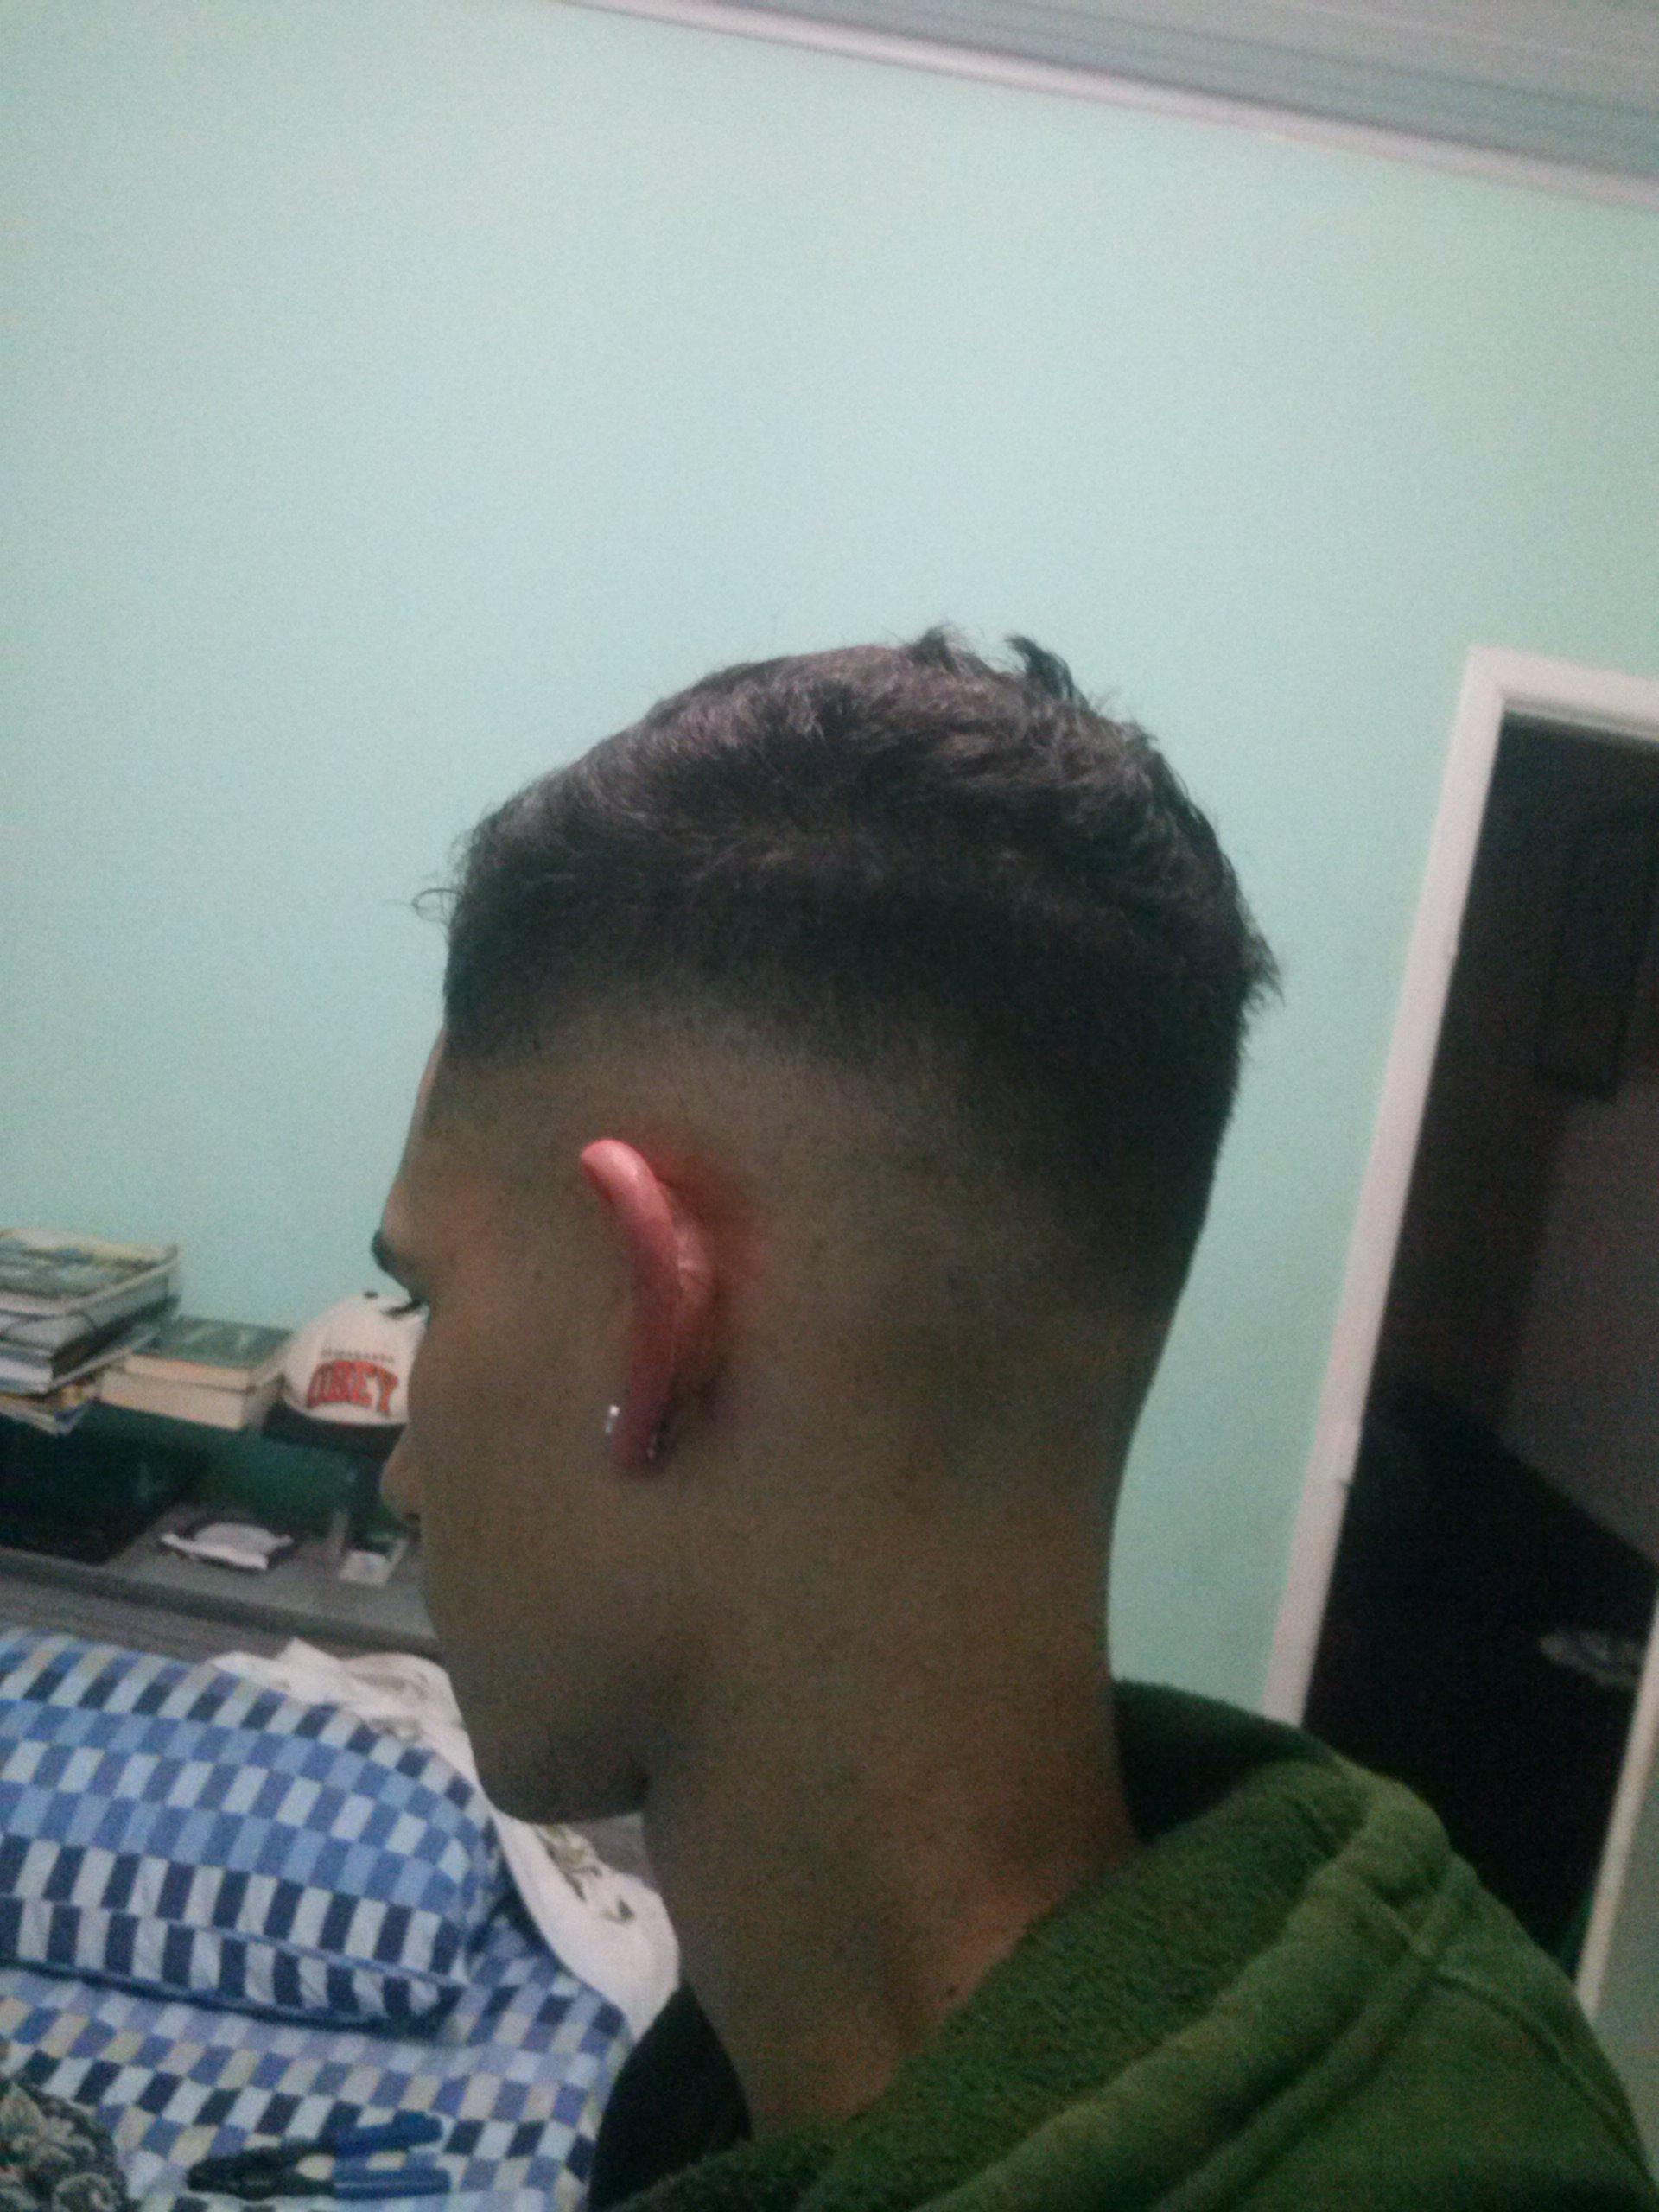 Fade acabamento com tesoura  parte superior  cabelo barbeiro(a)